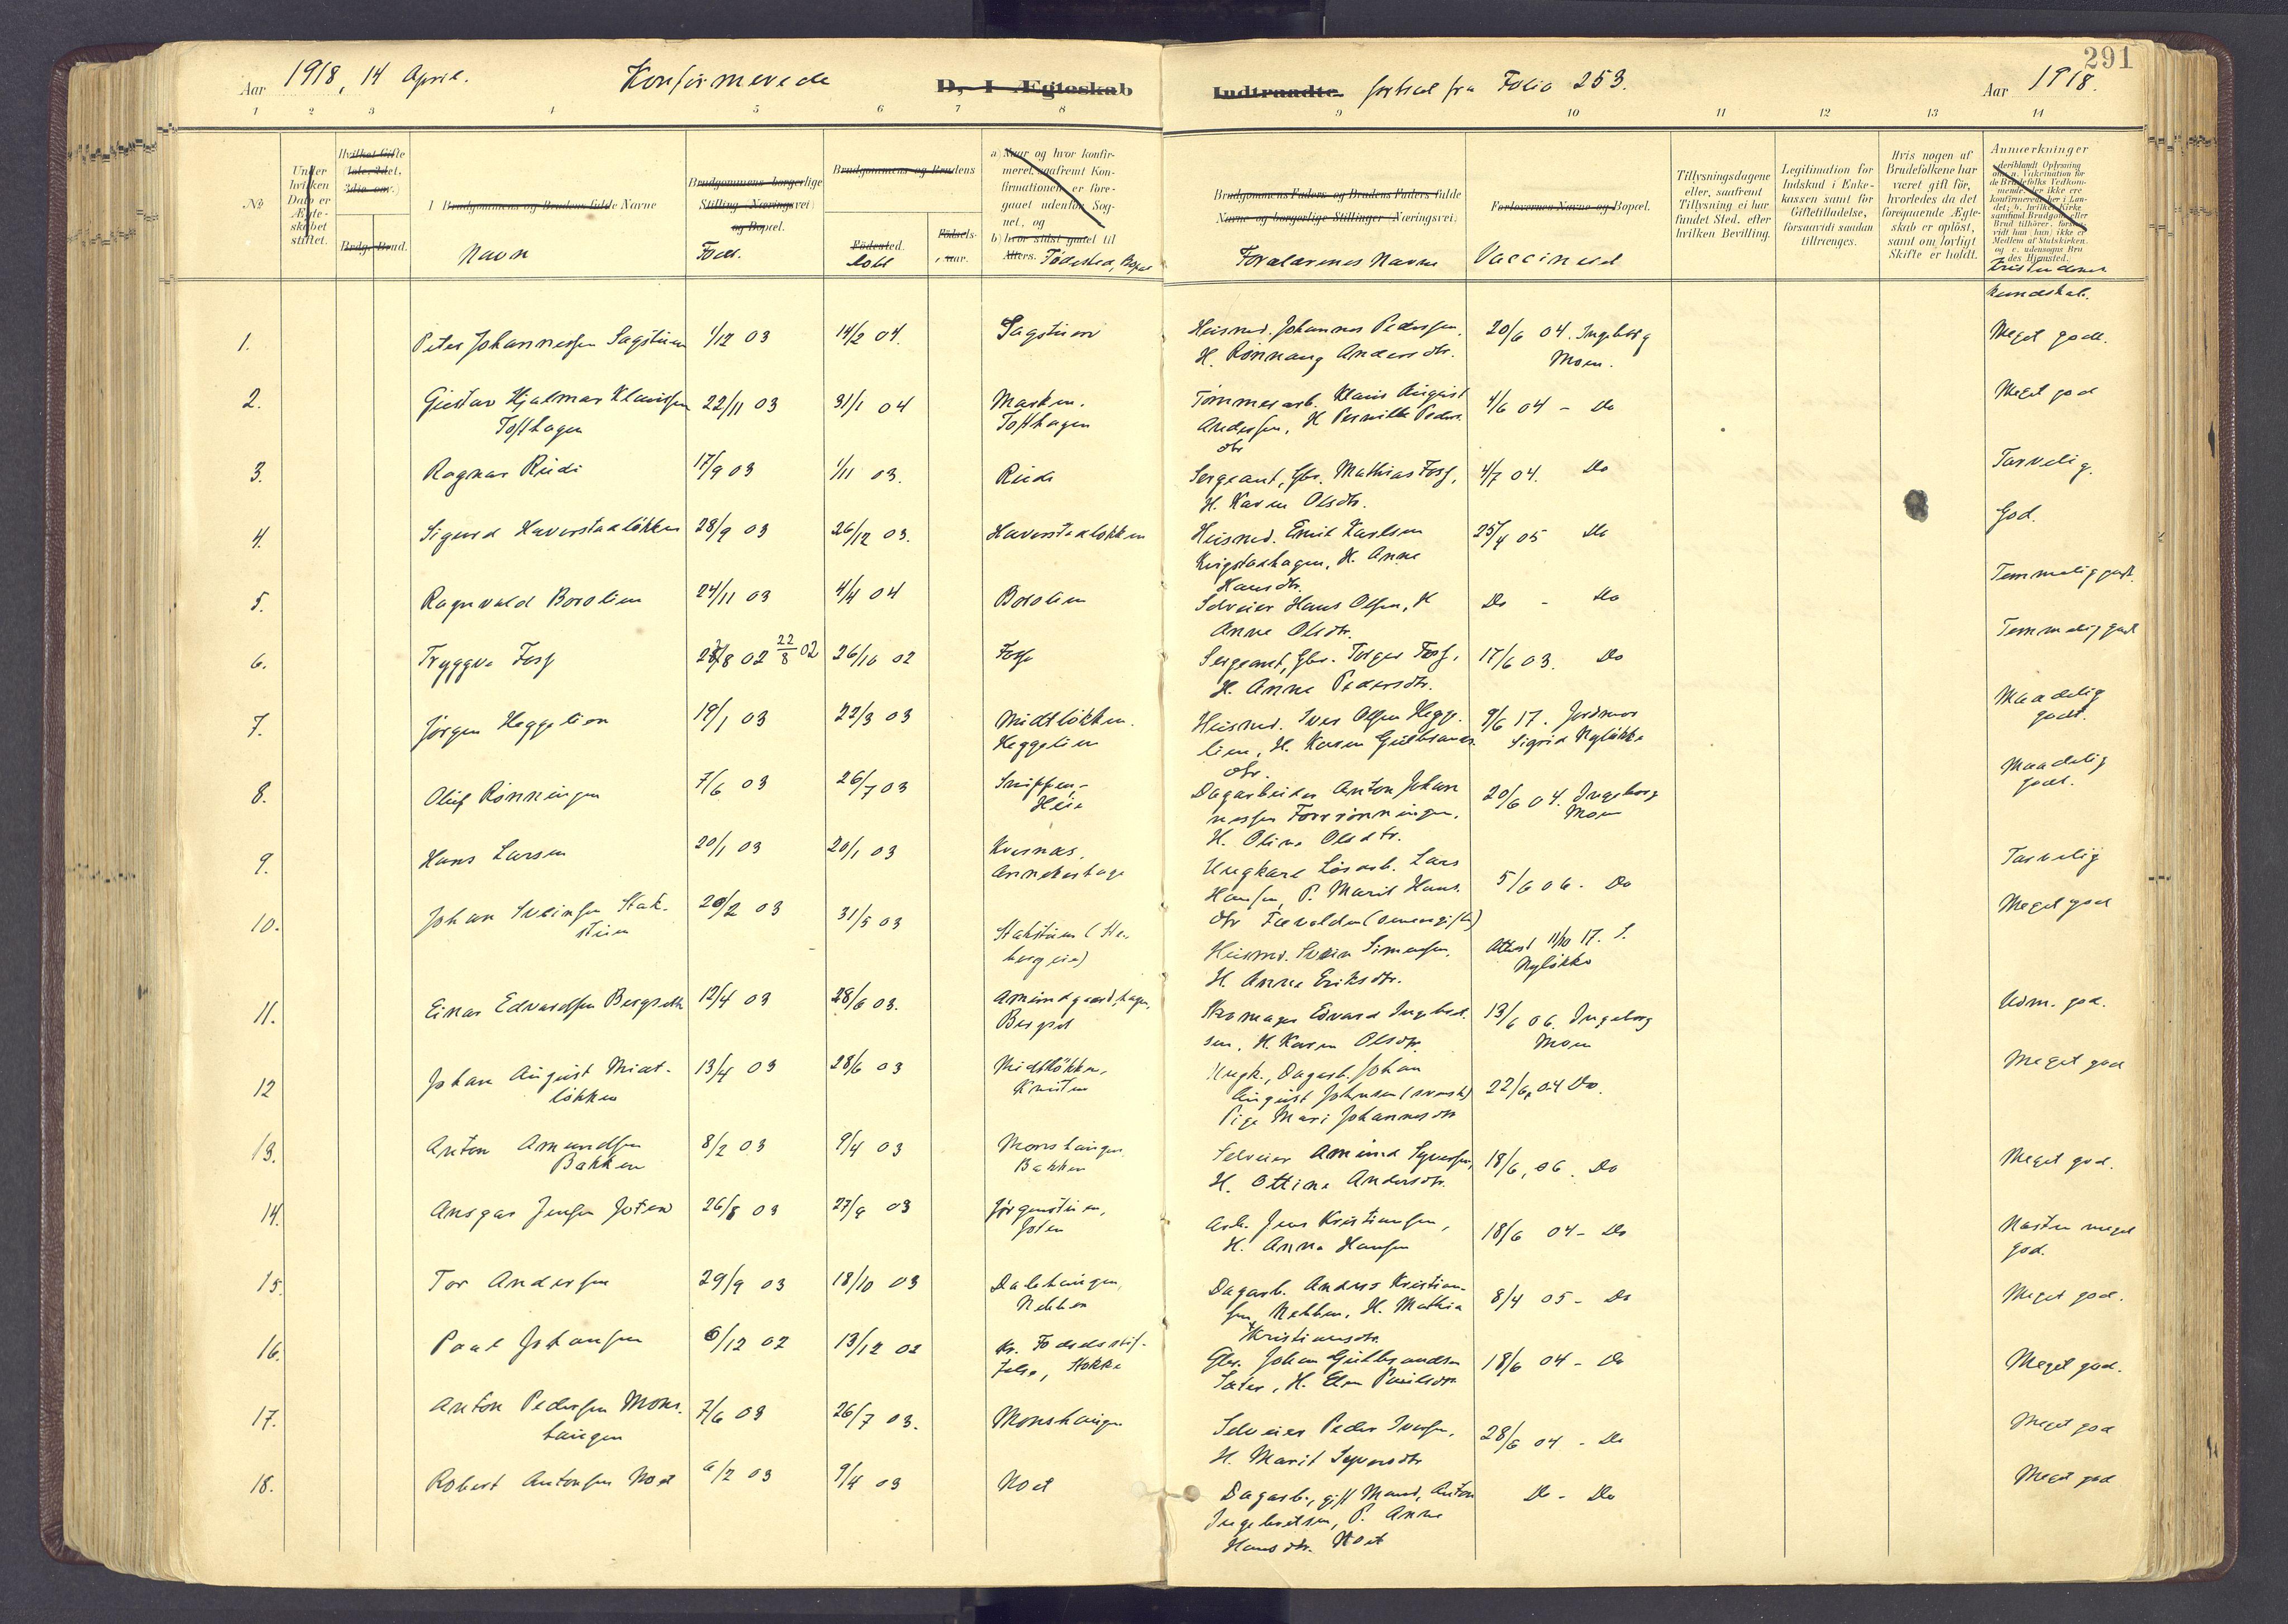 SAH, Sør-Fron prestekontor, H/Ha/Haa/L0004: Parish register (official) no. 4, 1898-1919, p. 291